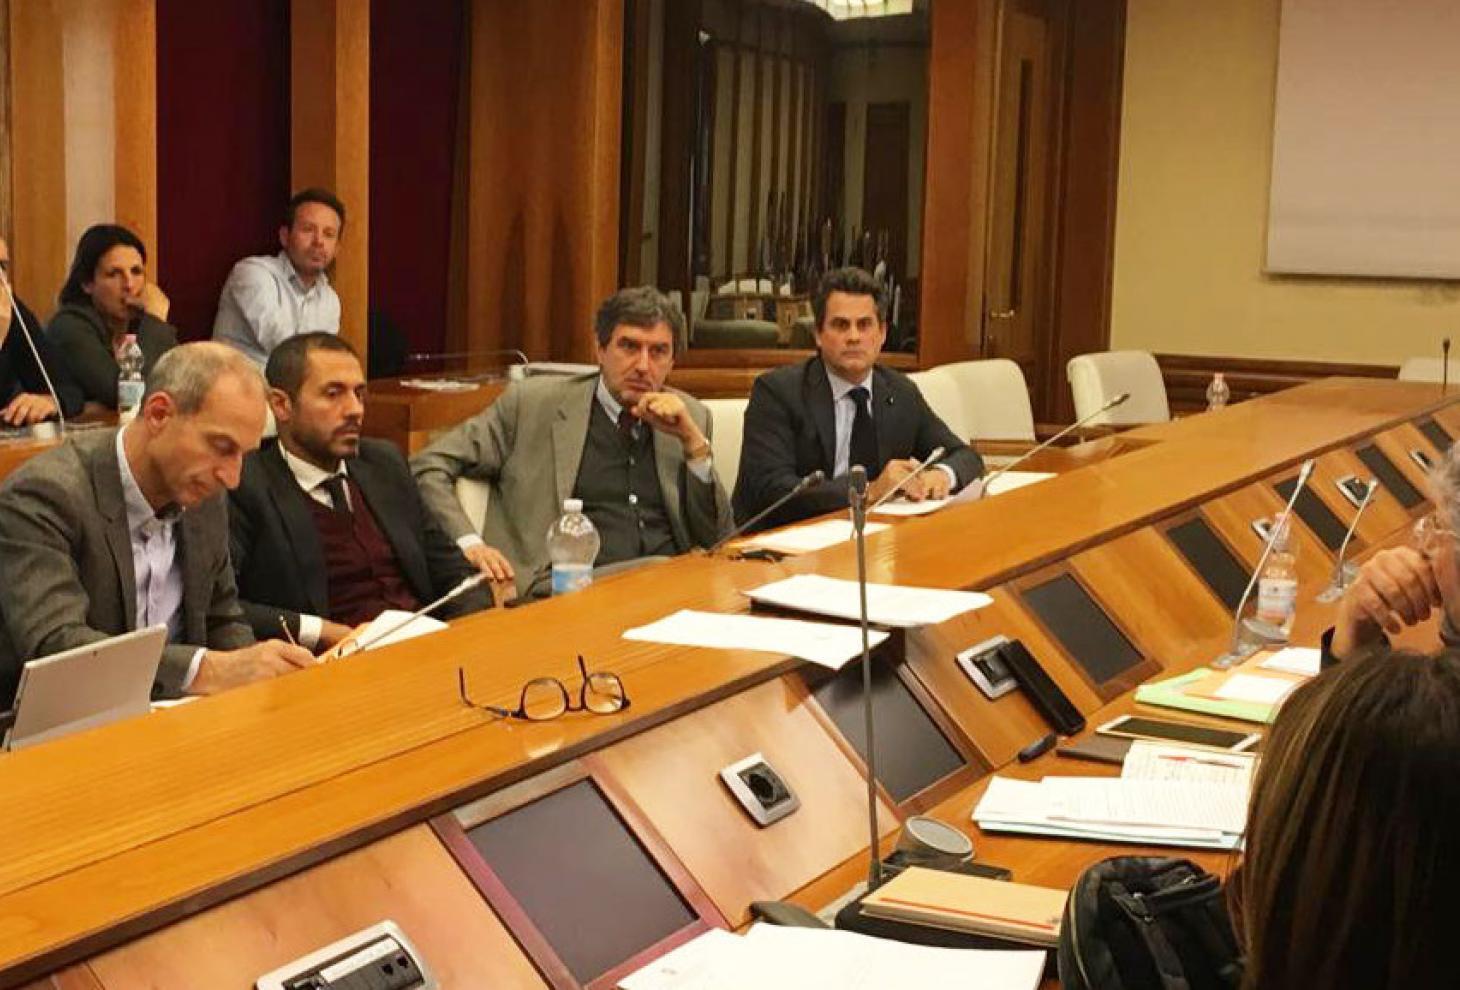 Ricostruzione post sisma 2016: approvate due nuove ordinanze per dare impulso a territorio